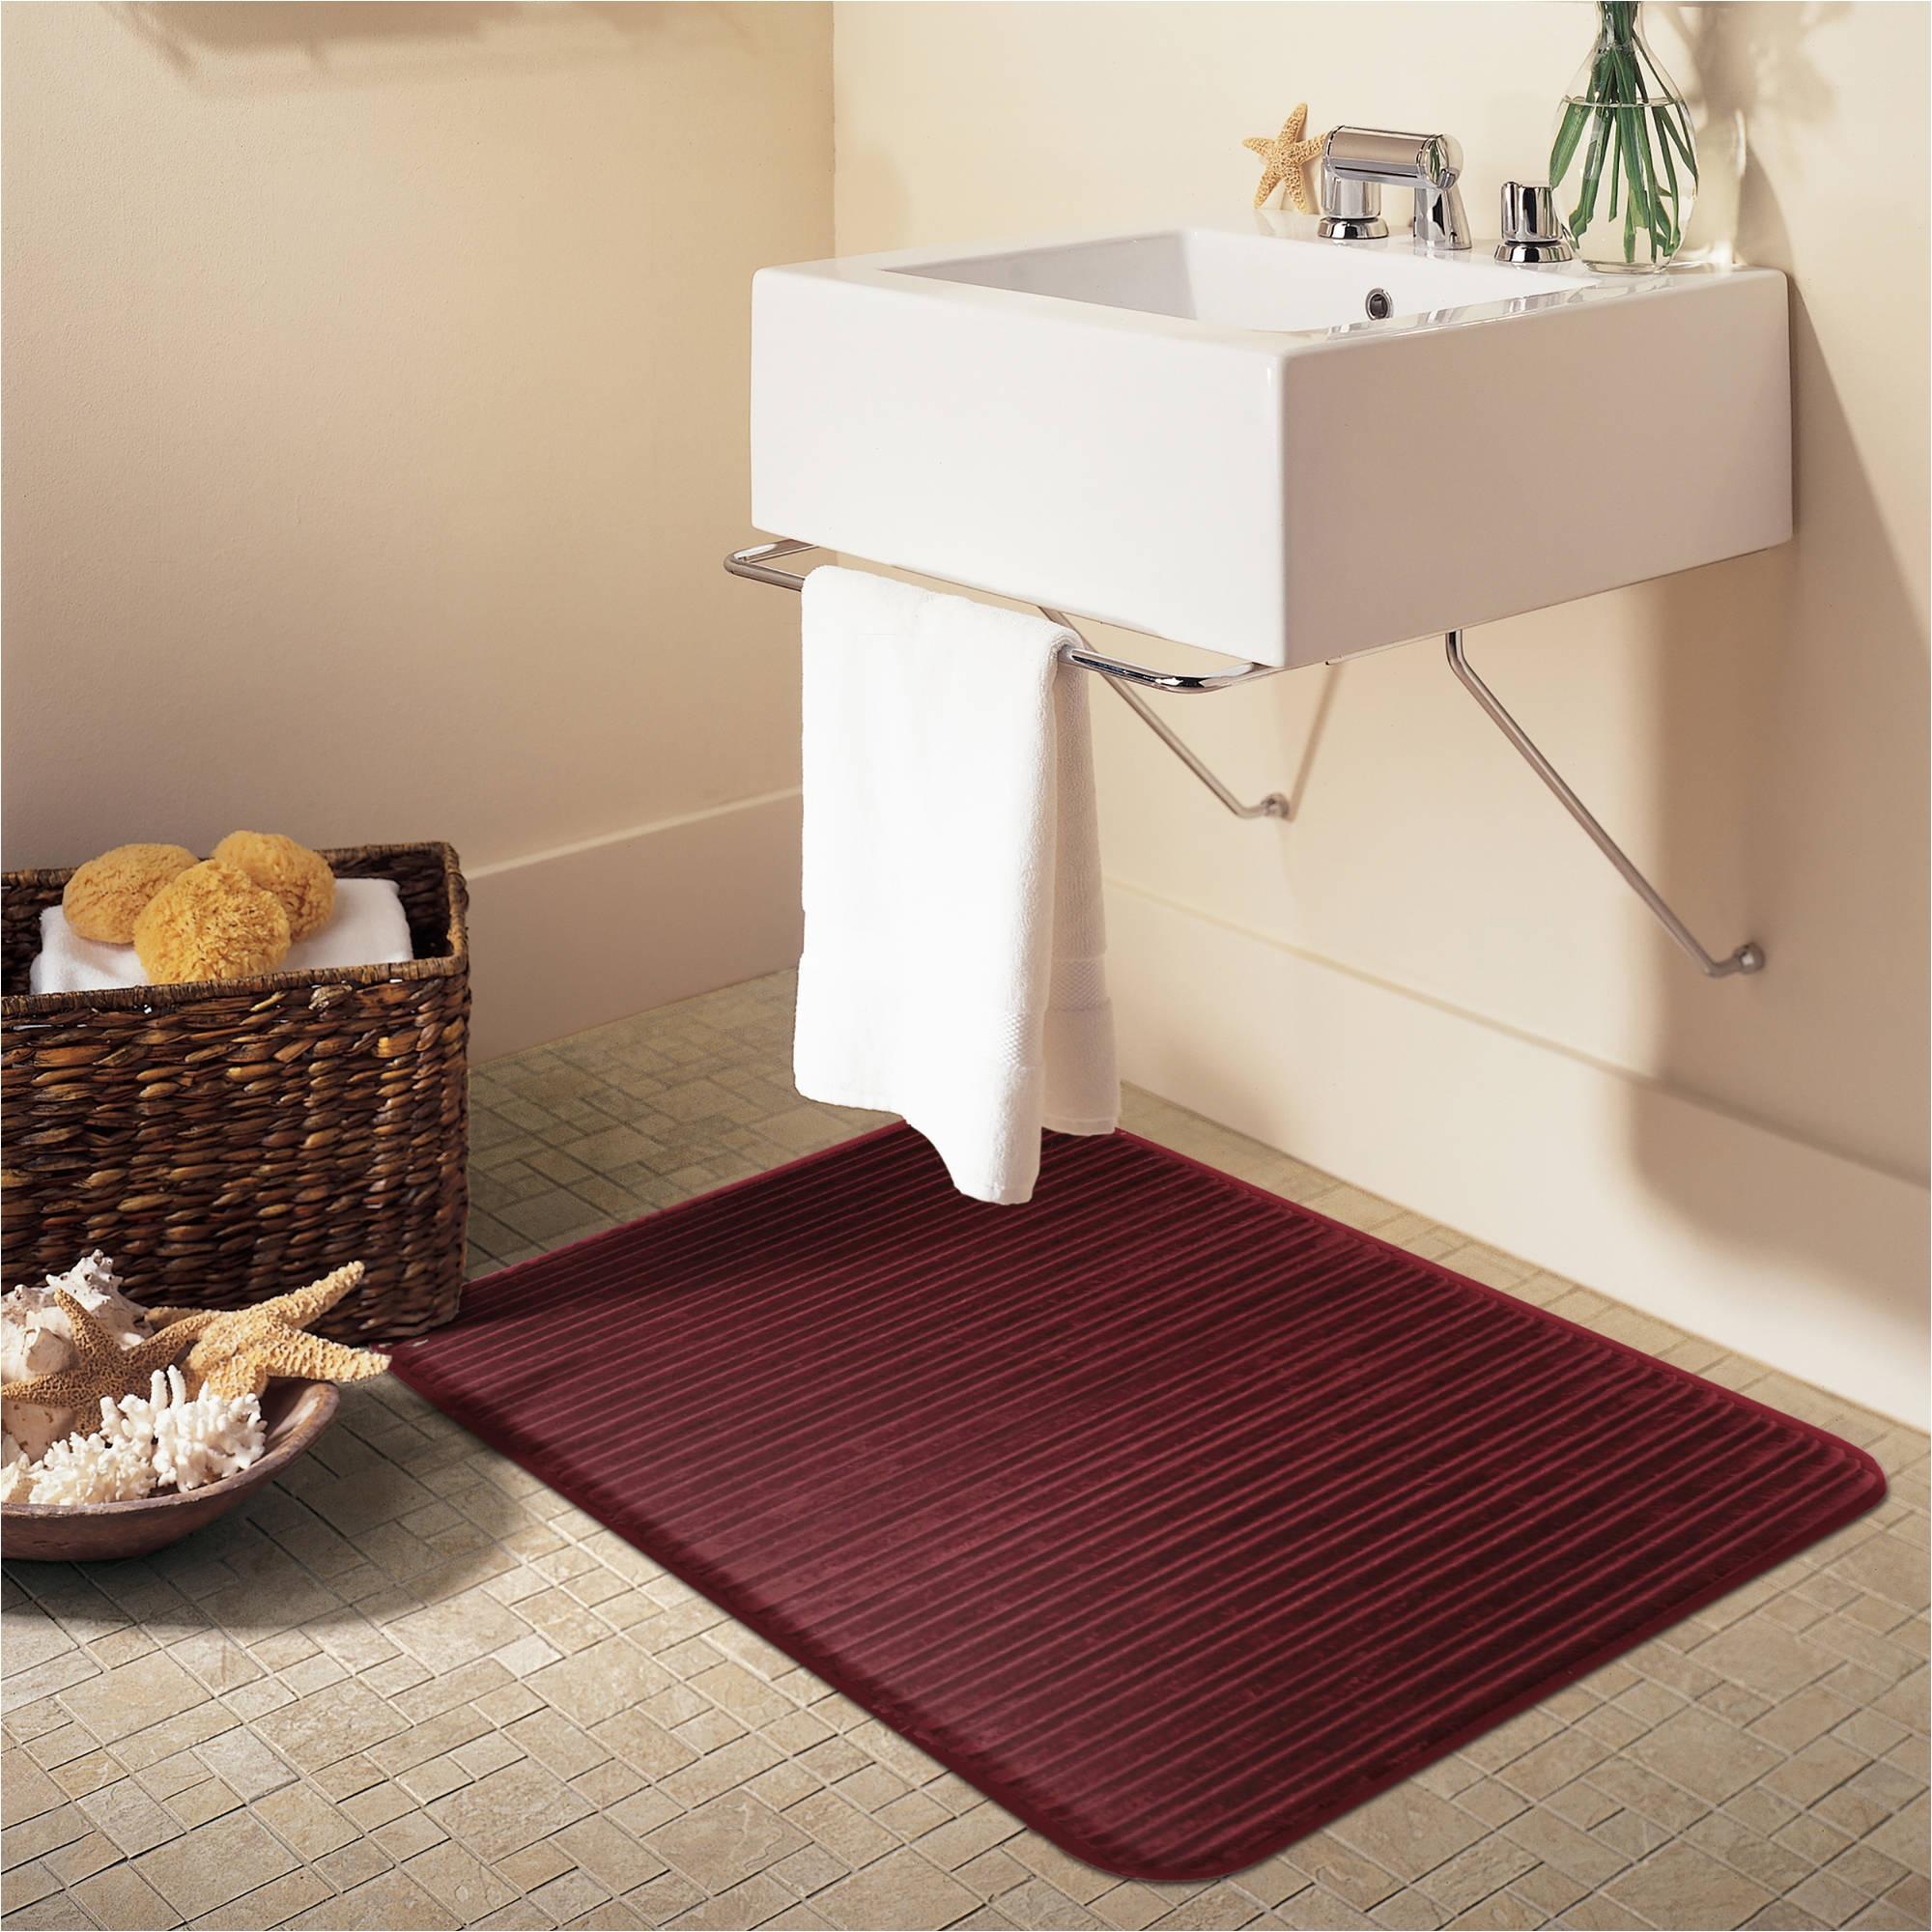 mainstays ozark trail memory foam bath rug walmart com